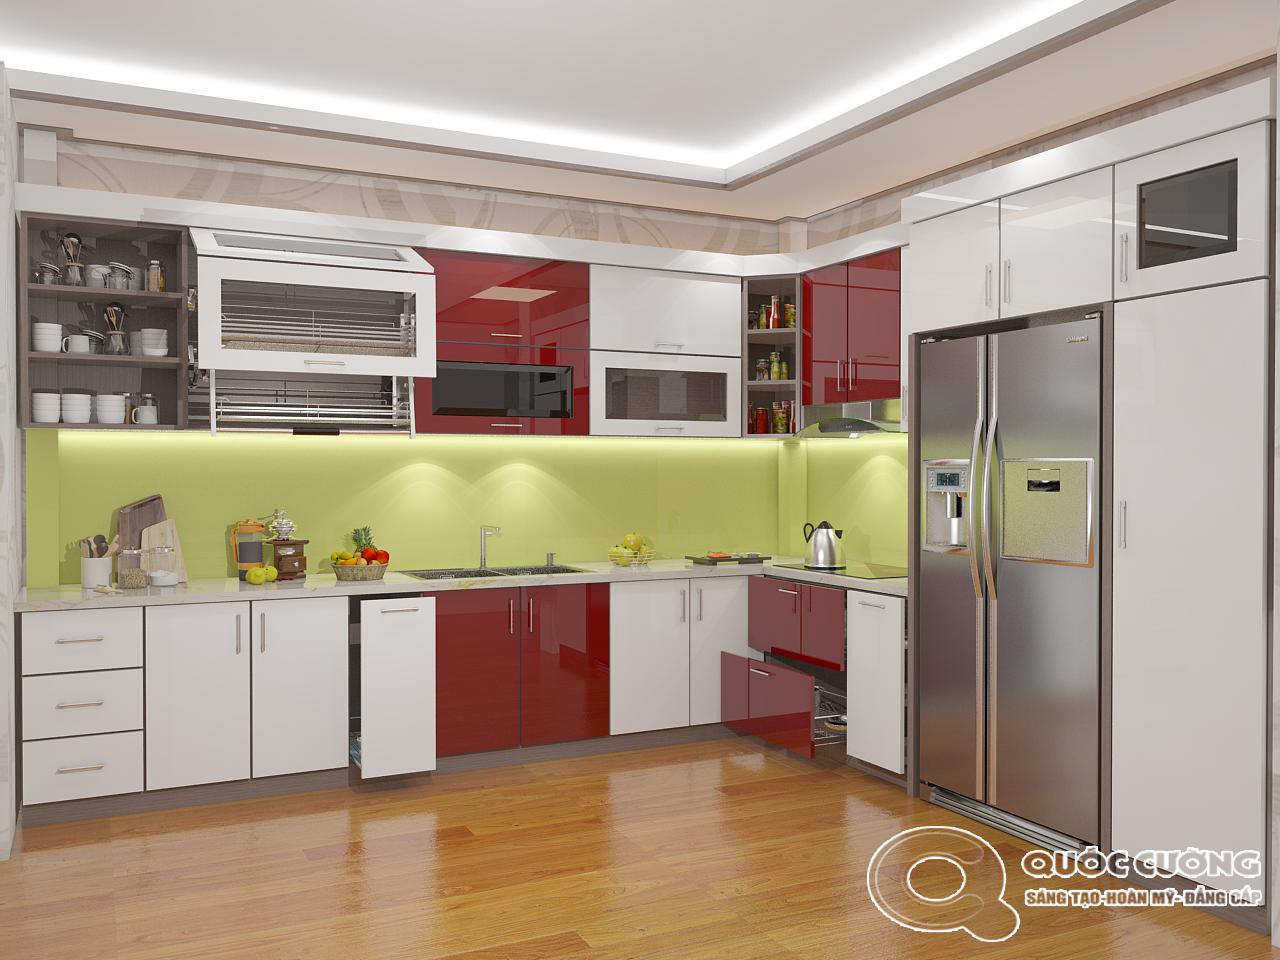 Tủ bếp AR16 có vẻ đẹp hiện đại của chất liệu Acrylic Quốc Cường cũng rất dễ dàng vệ sinh trong quá trình sử dụng.